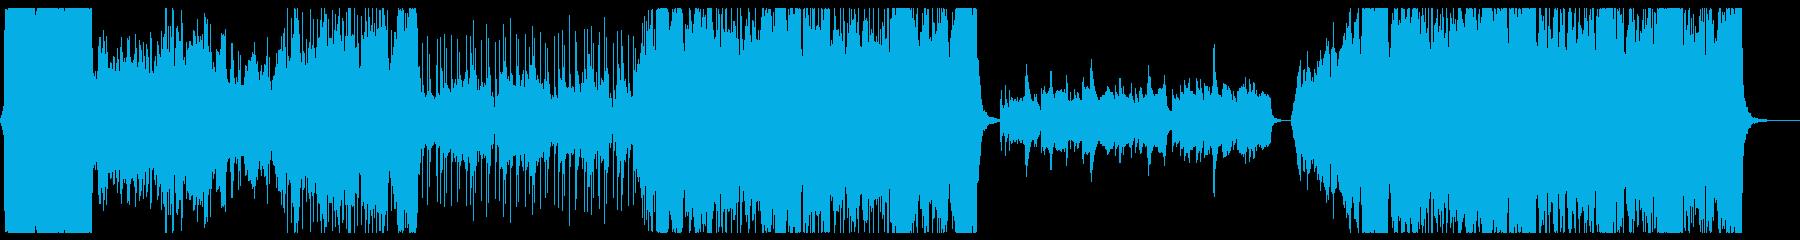 冒険の始まりをイメージしたオーケストラ2の再生済みの波形